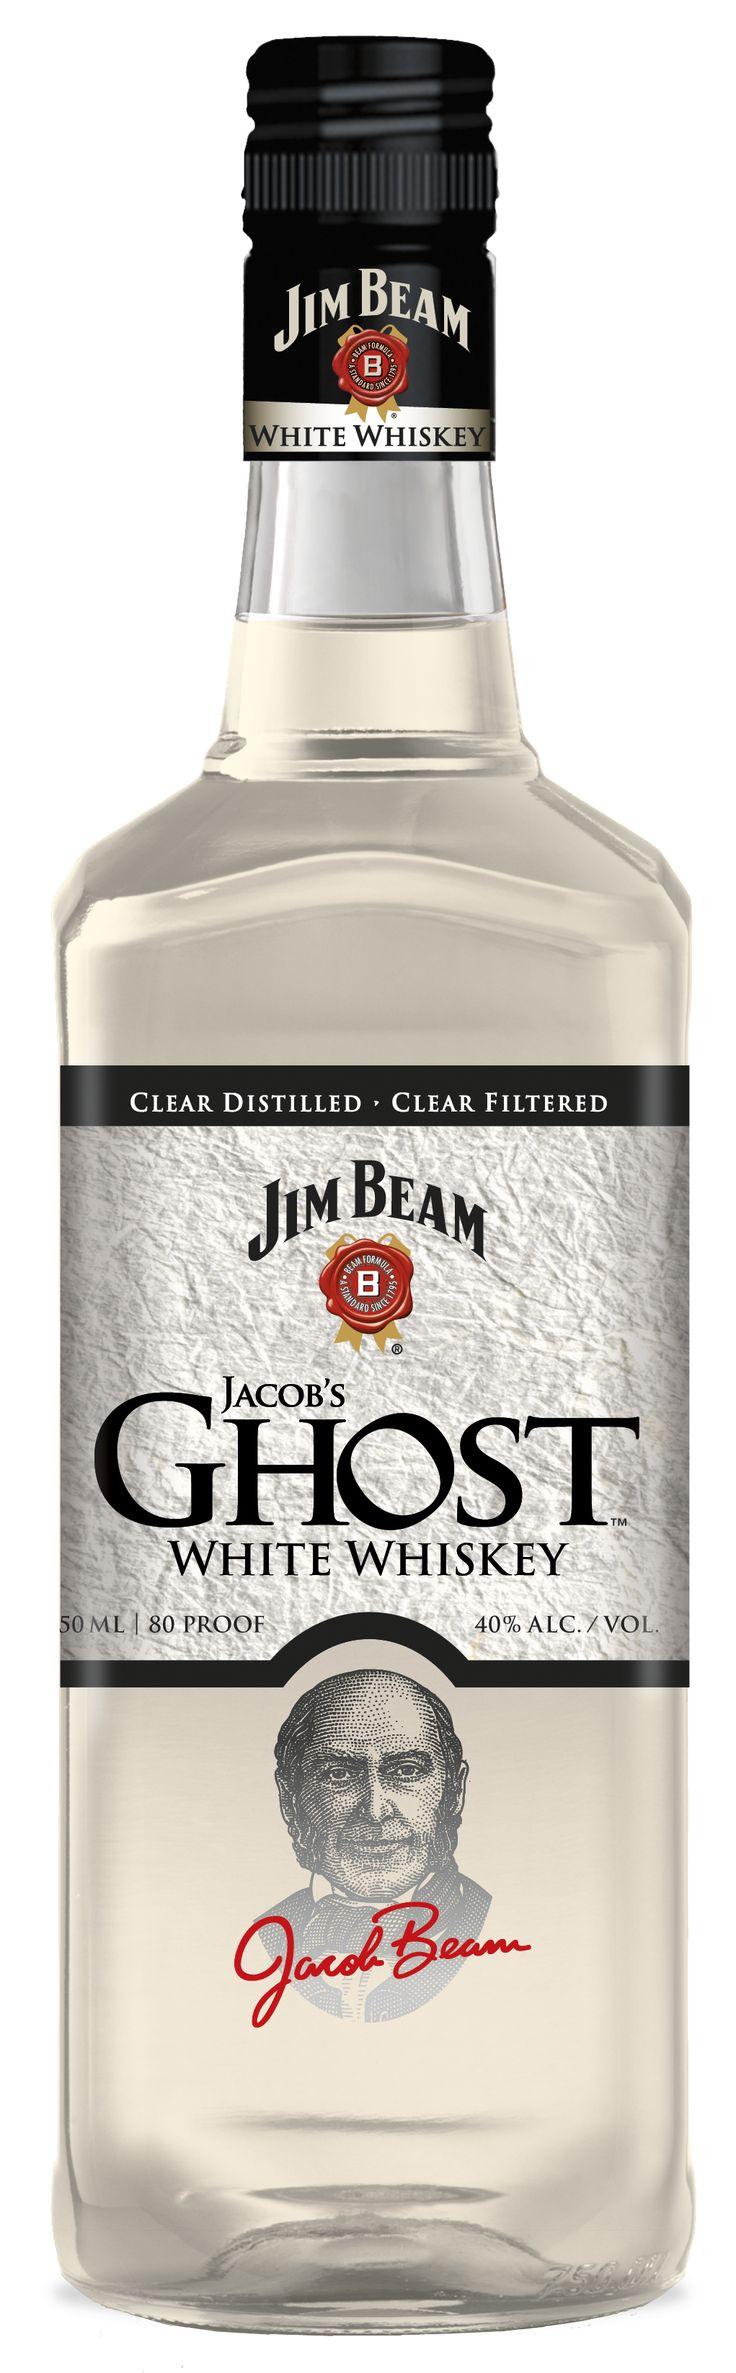 Jim Beam, Jacobs Ghost white whiskey (Whiskey Bottle)